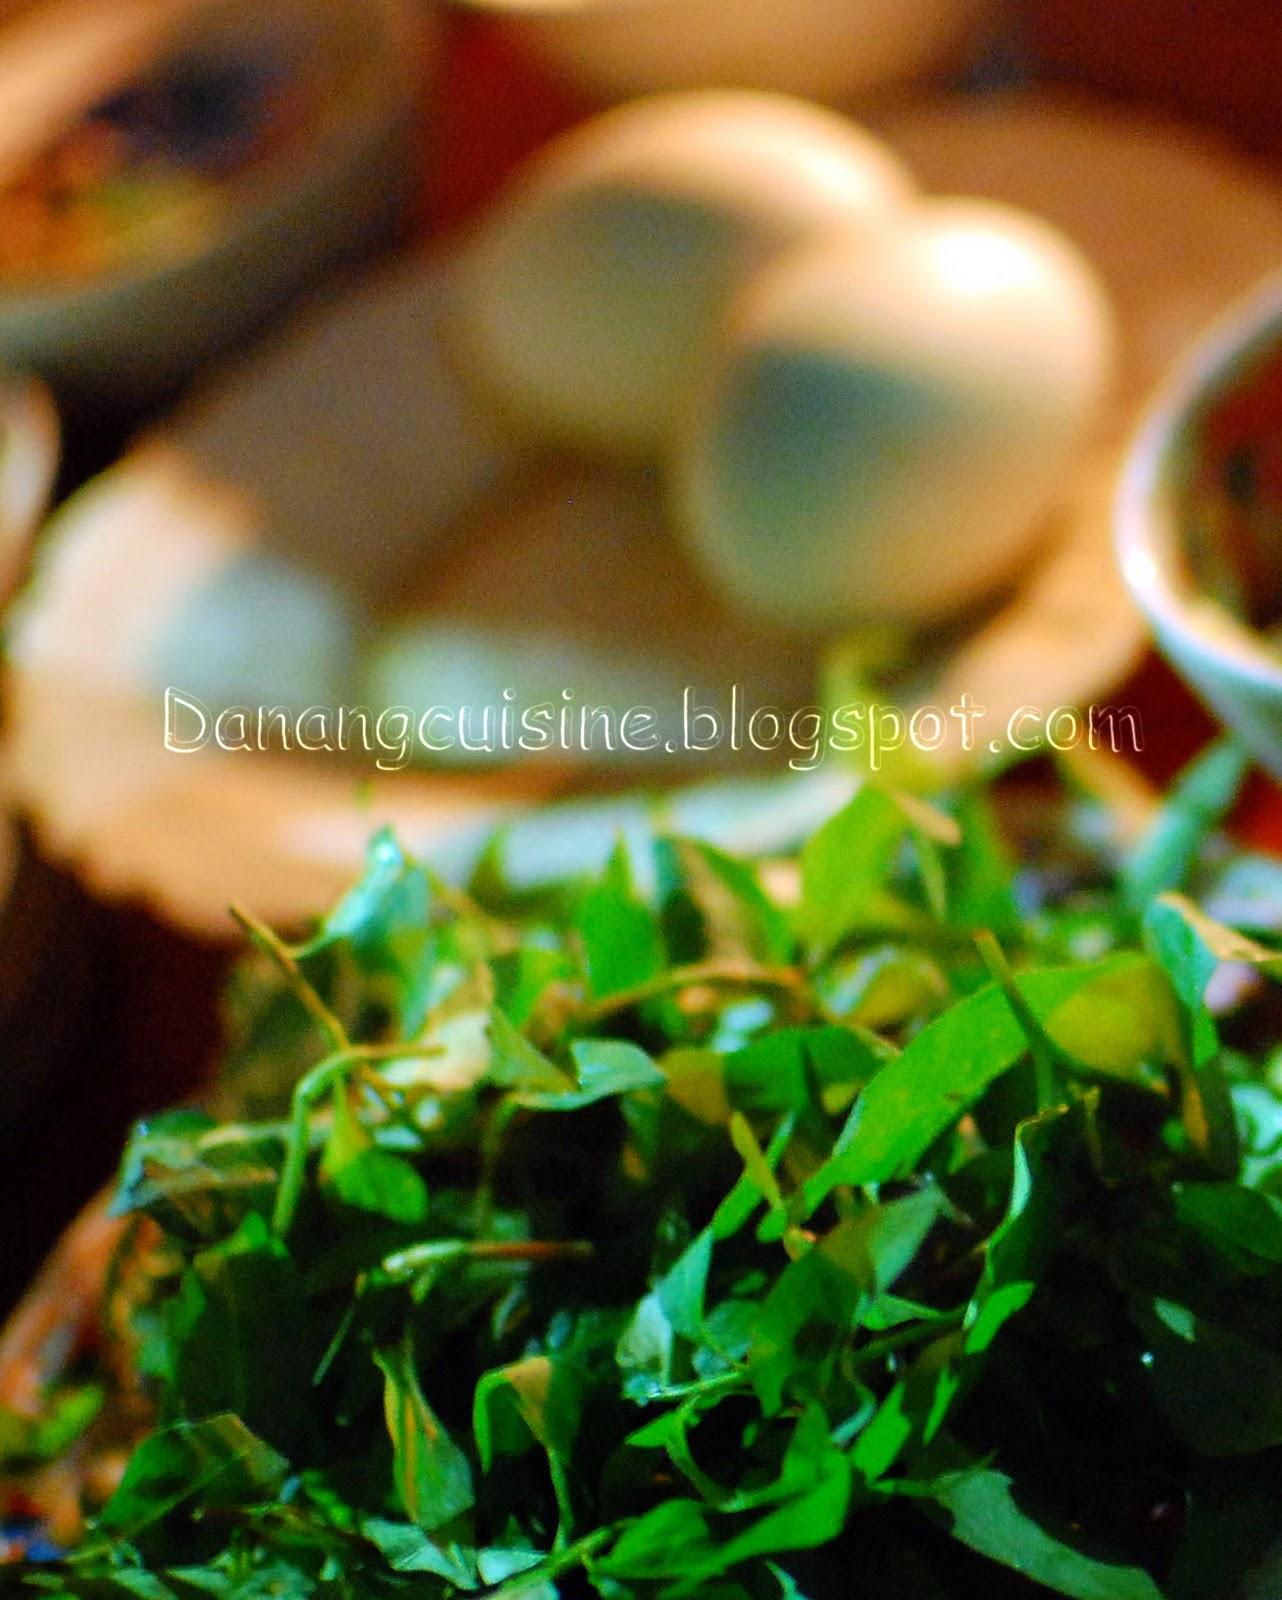 Trung Vit Lon Danang Cuisine Greeb